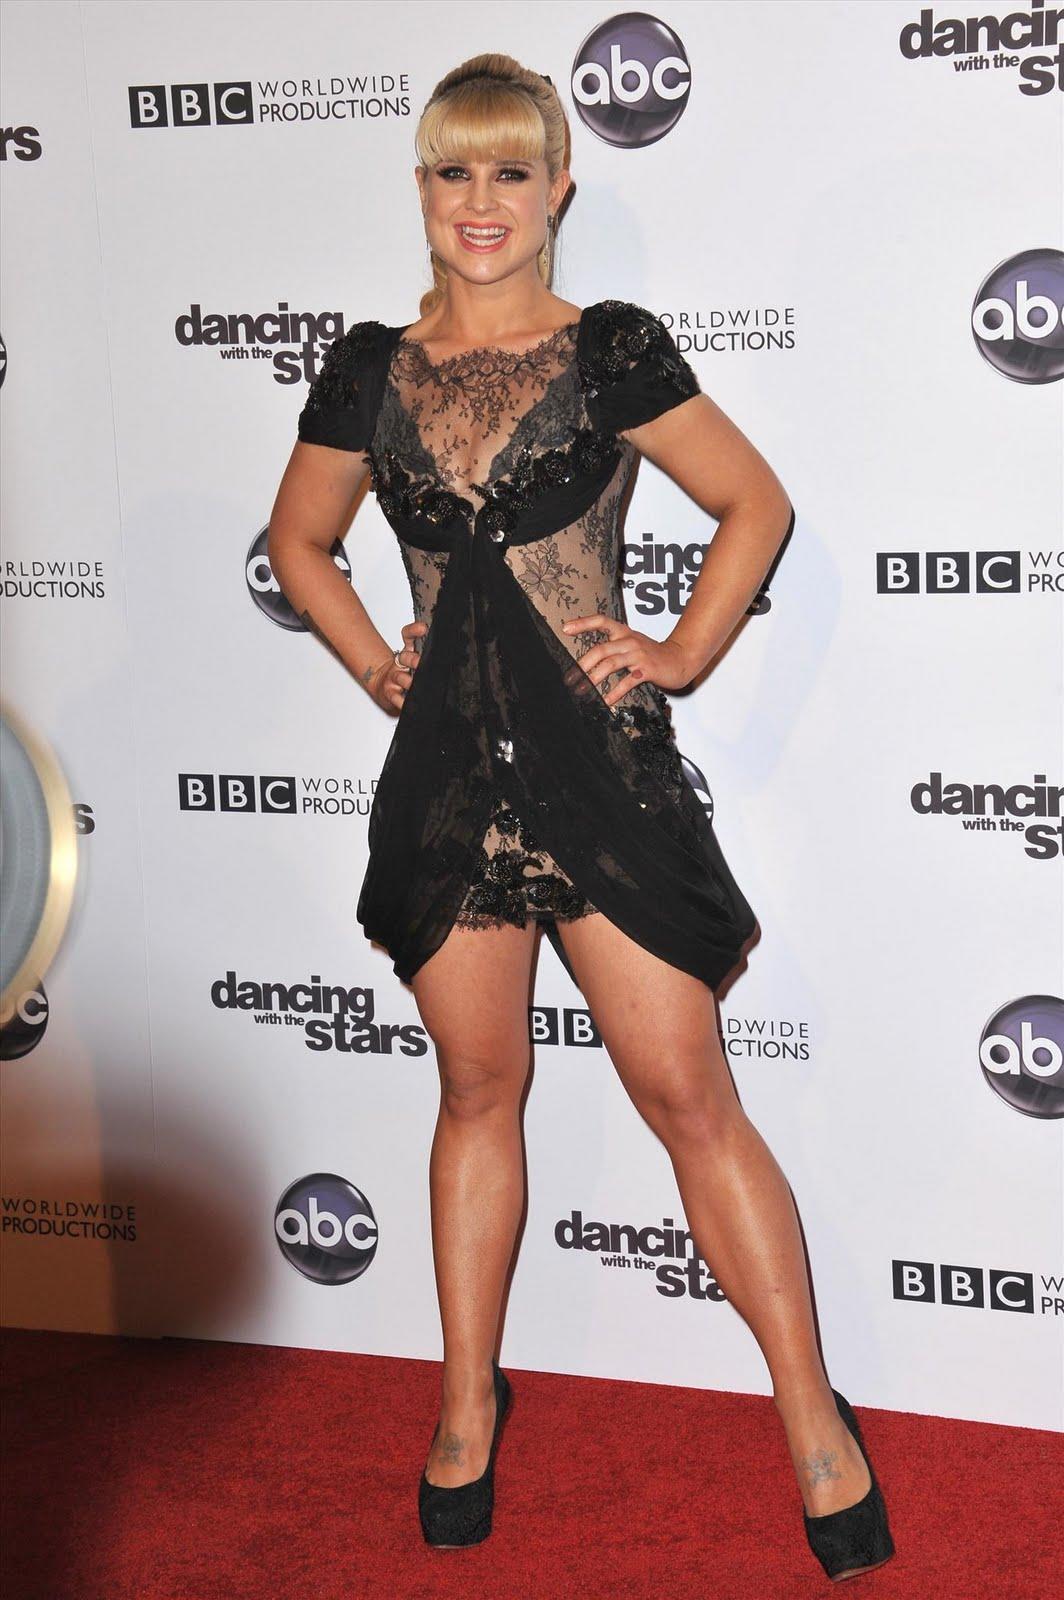 http://3.bp.blogspot.com/_-knQcvB6hEw/TNApZs66PqI/AAAAAAAAJok/1LBA2KXftk0/s1600/Kelly+Osbourne+%40+Dancing+With+The+Stars+Event3.jpg